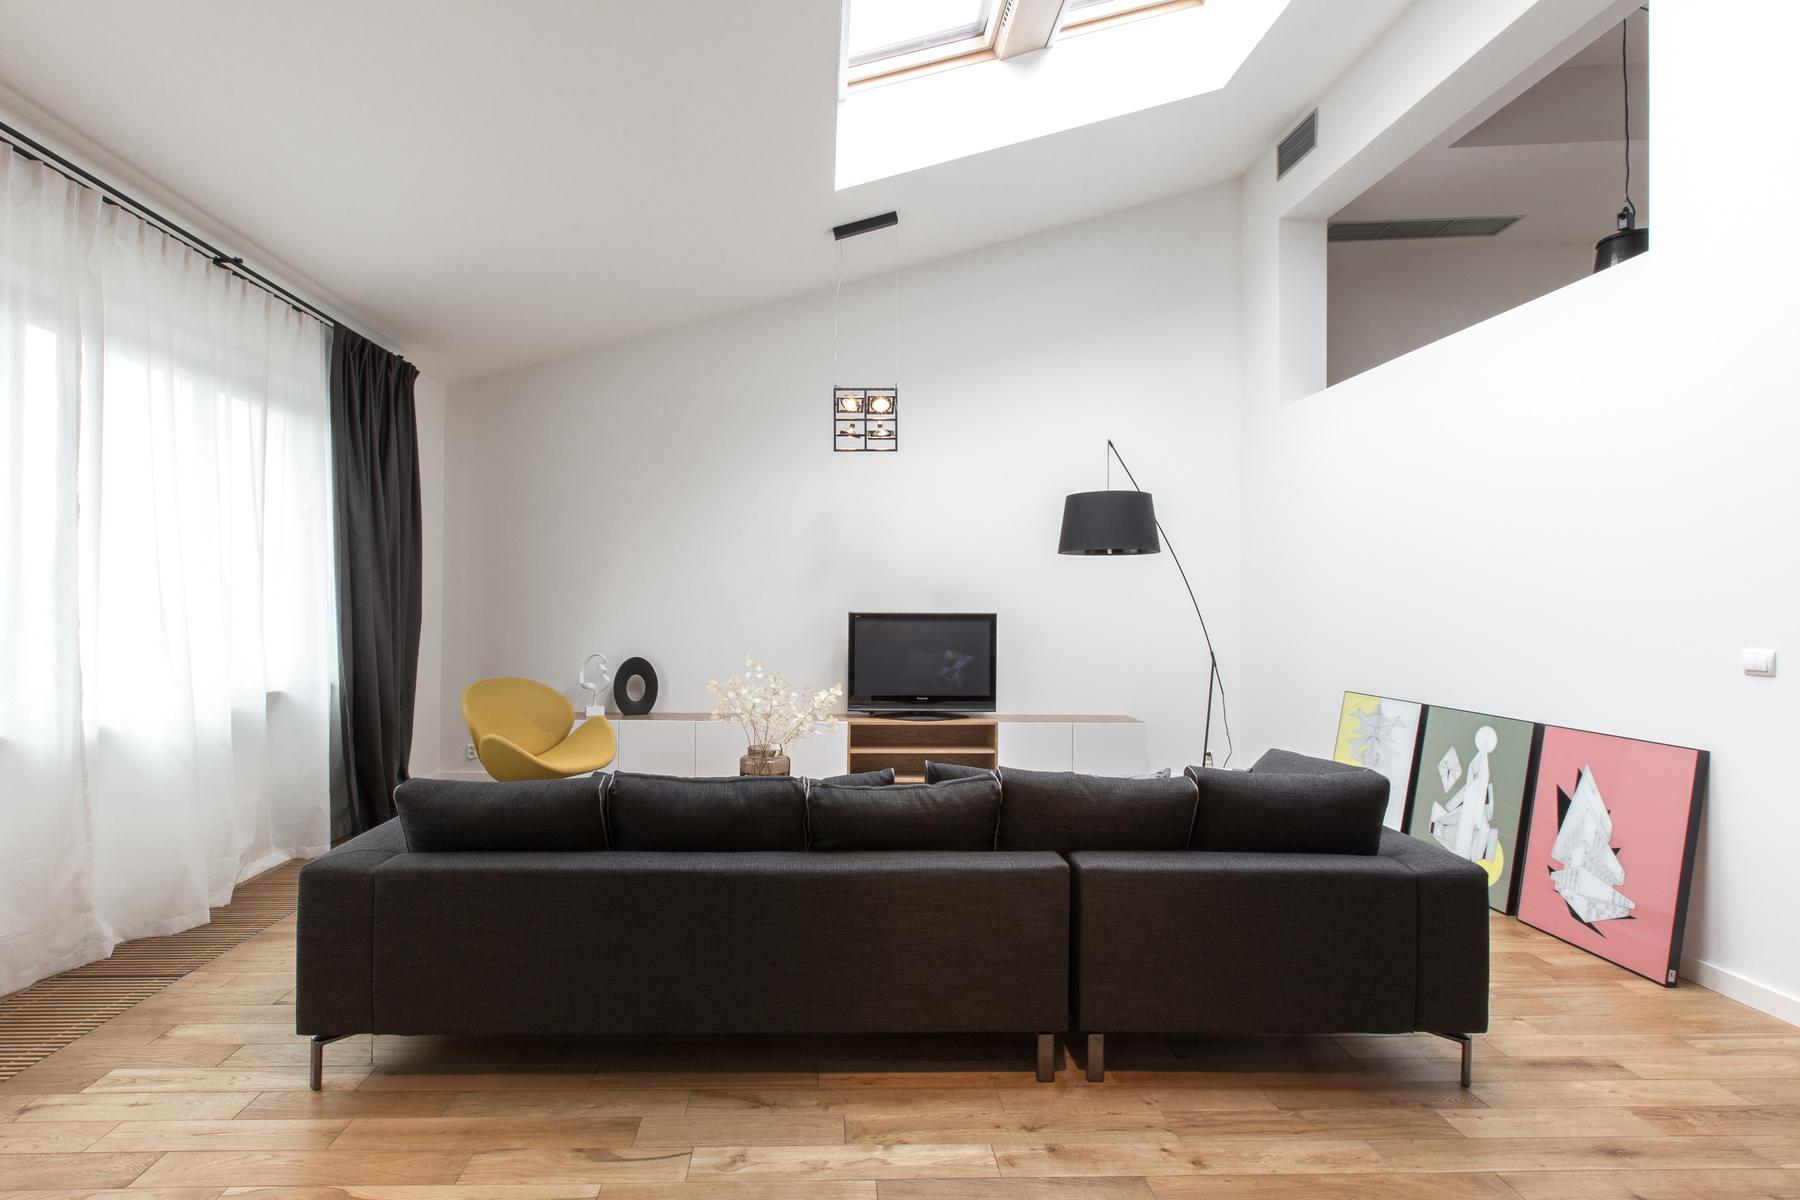 Wedo thiết kế nội thất phòng khách hiện đại,thoáng mát 24